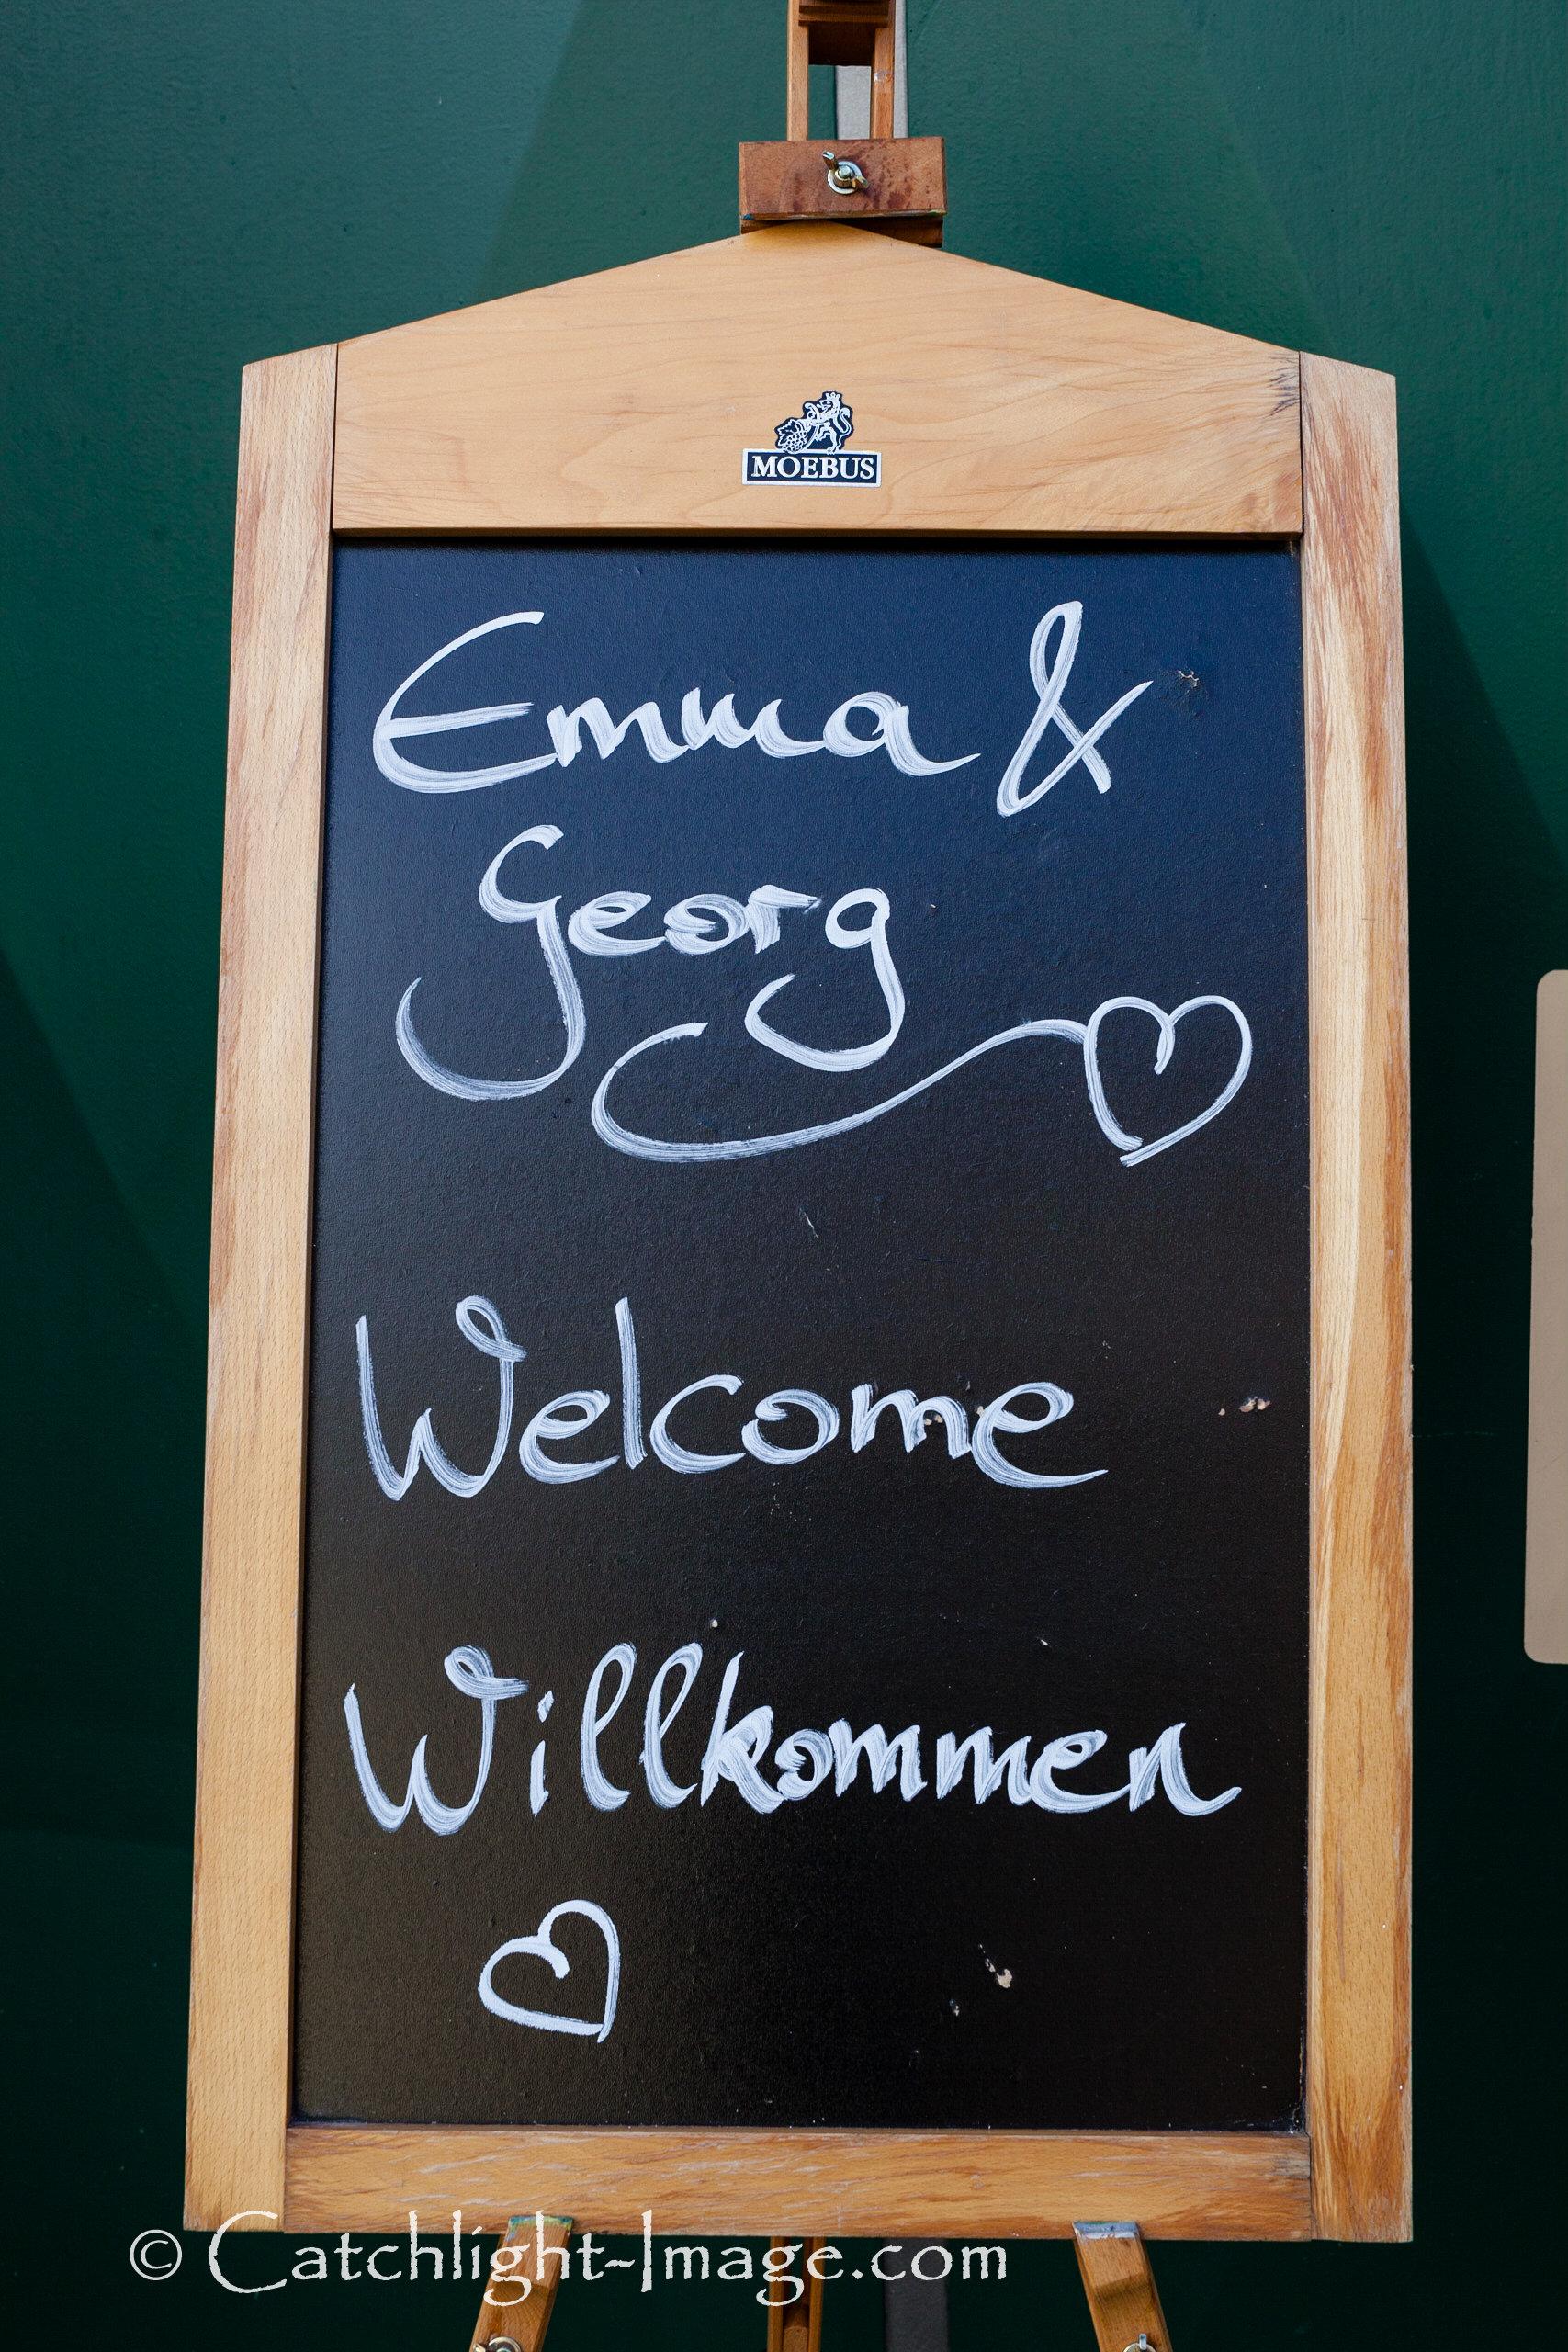 Emma & Georg Online Gallery-0001.jpg